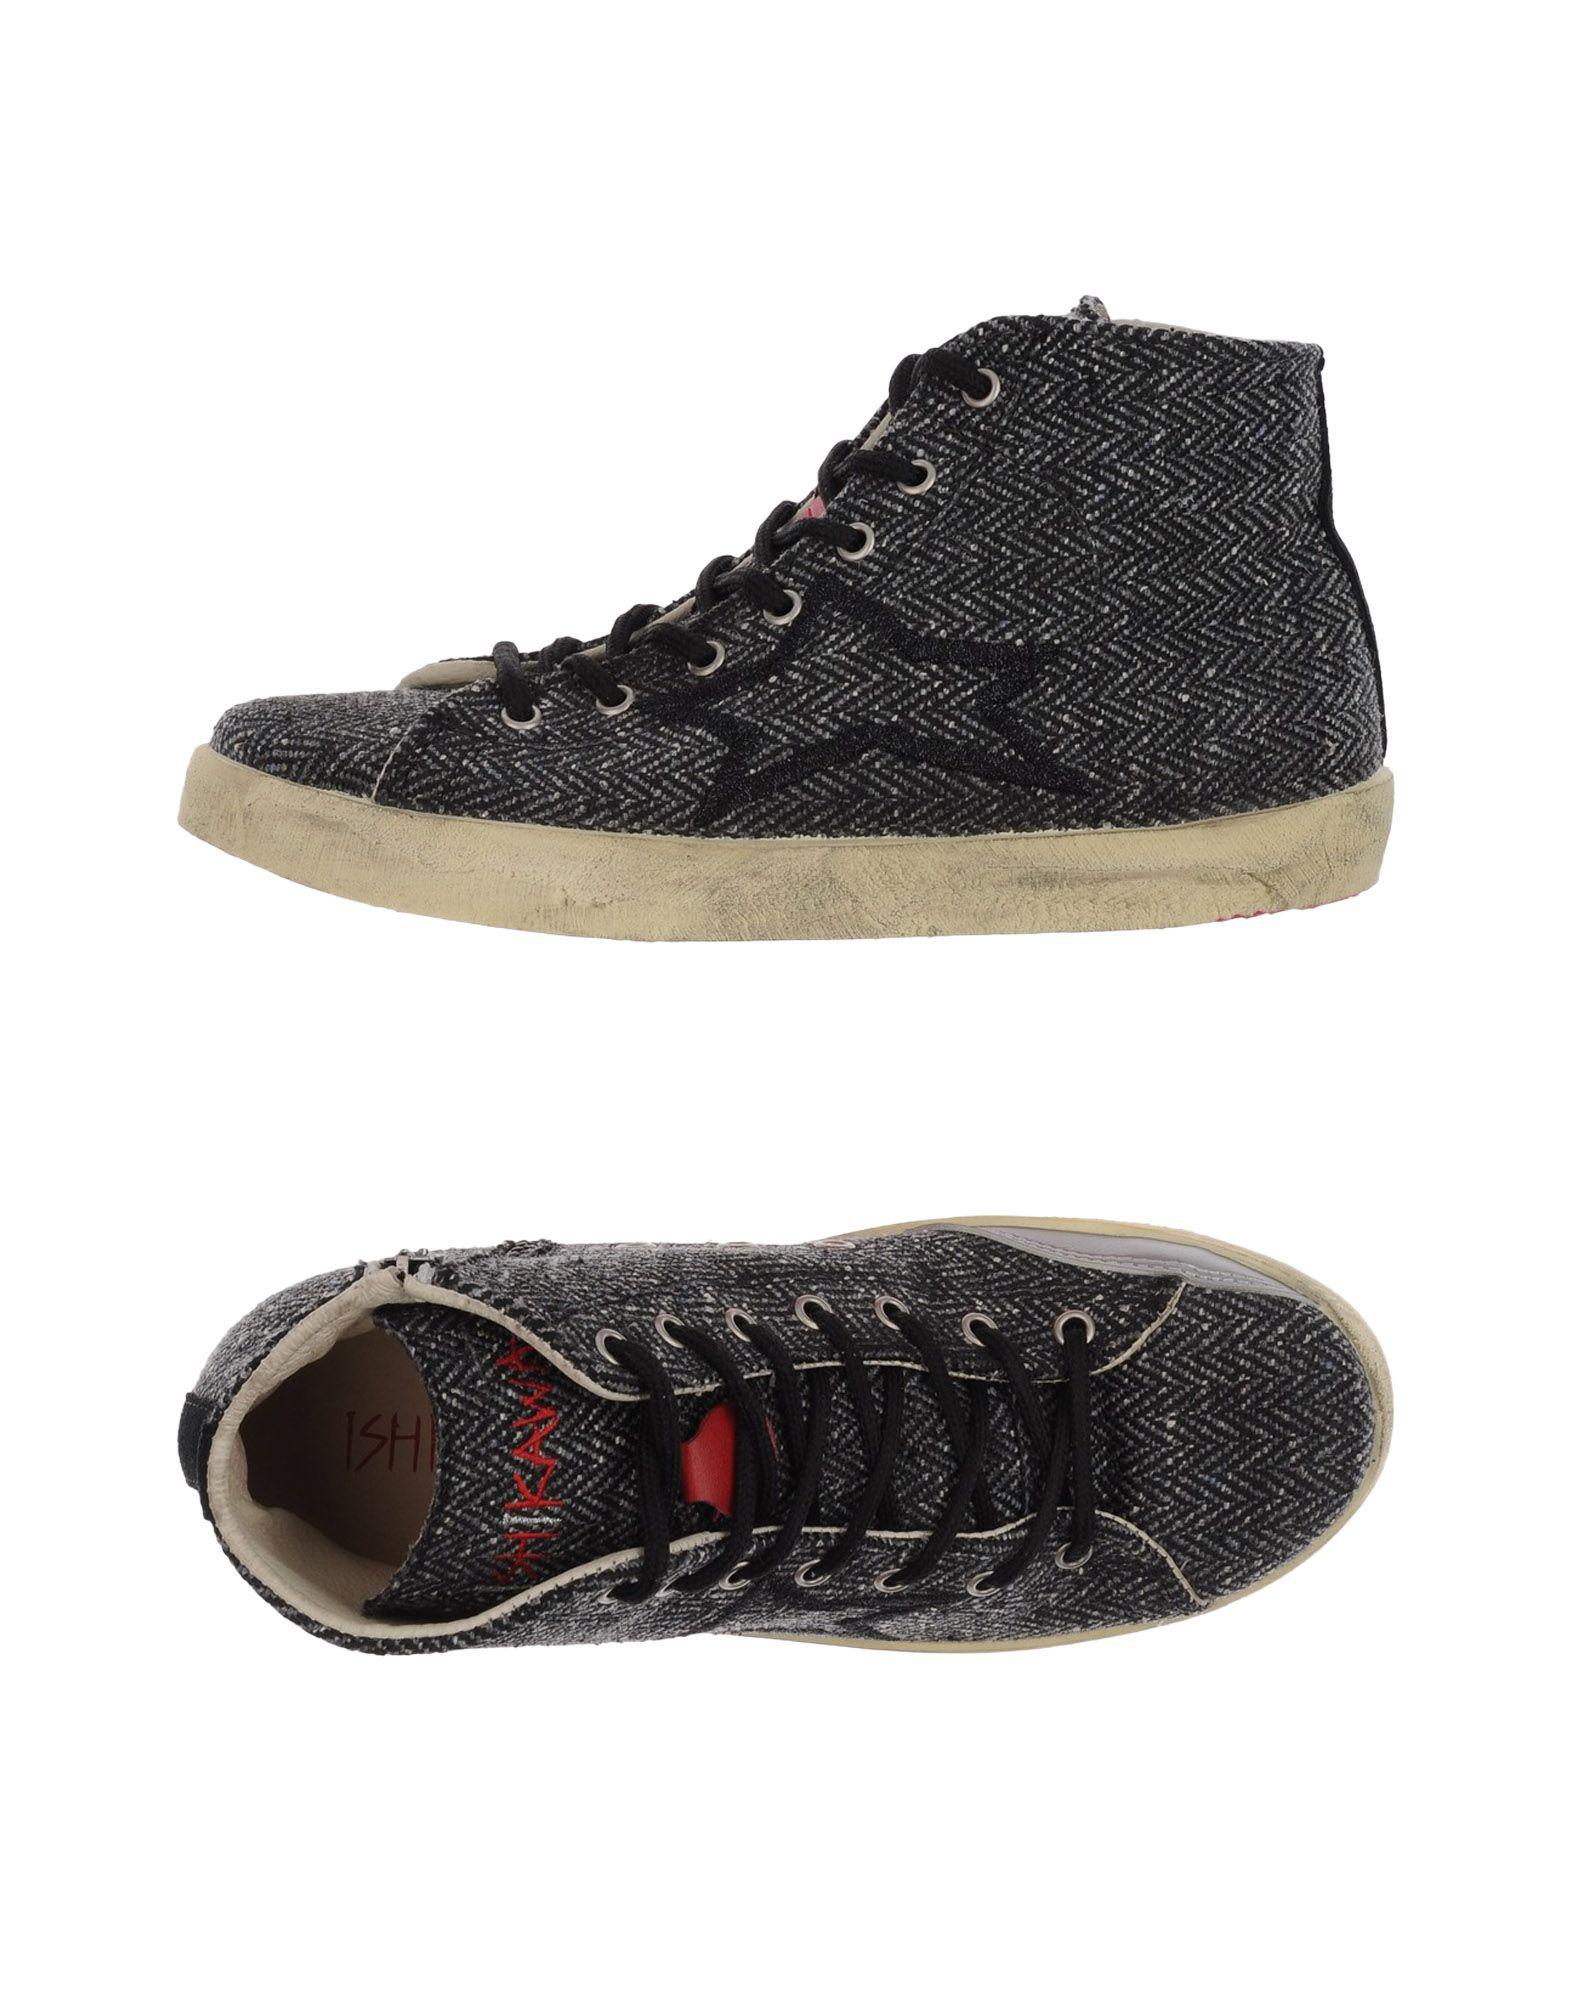 Ishikawa Sneakers Damen Damen Sneakers  11235199JS  da7dbf